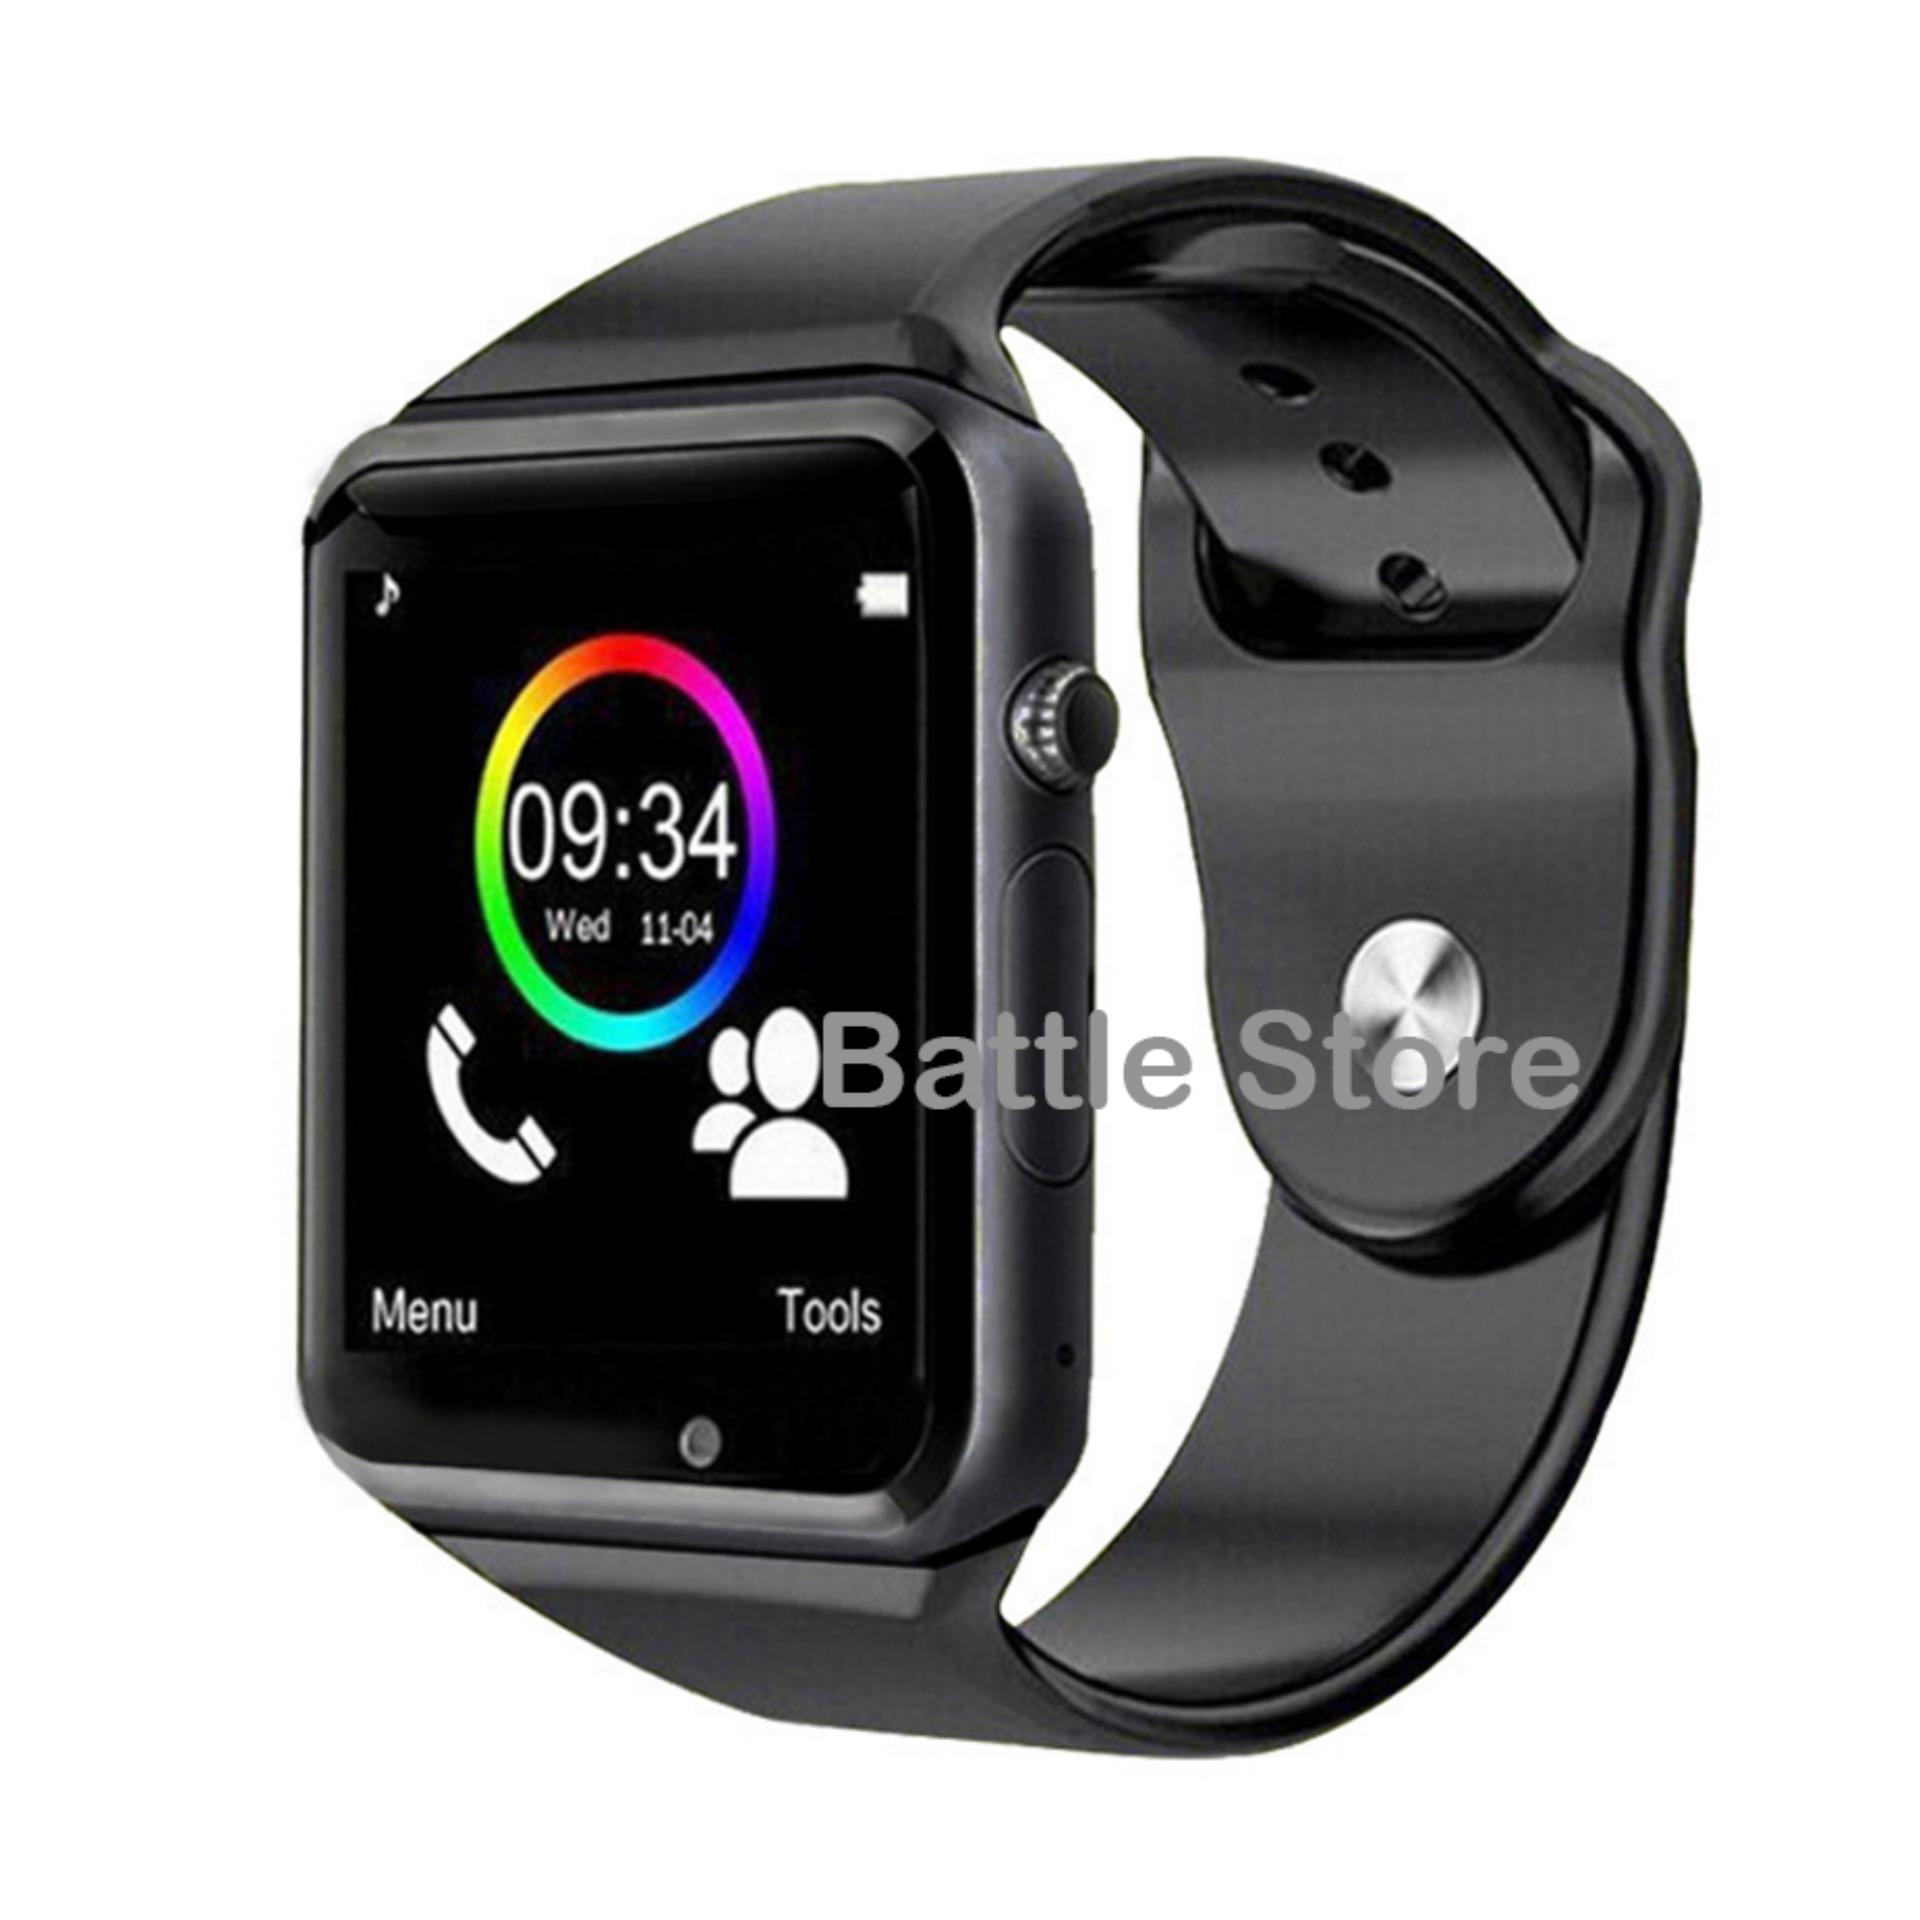 Jam Tangan LED - Jam Tangan Pria dan Wanita - Strap Karet - Mirip Apple  Watch fee2dfd888